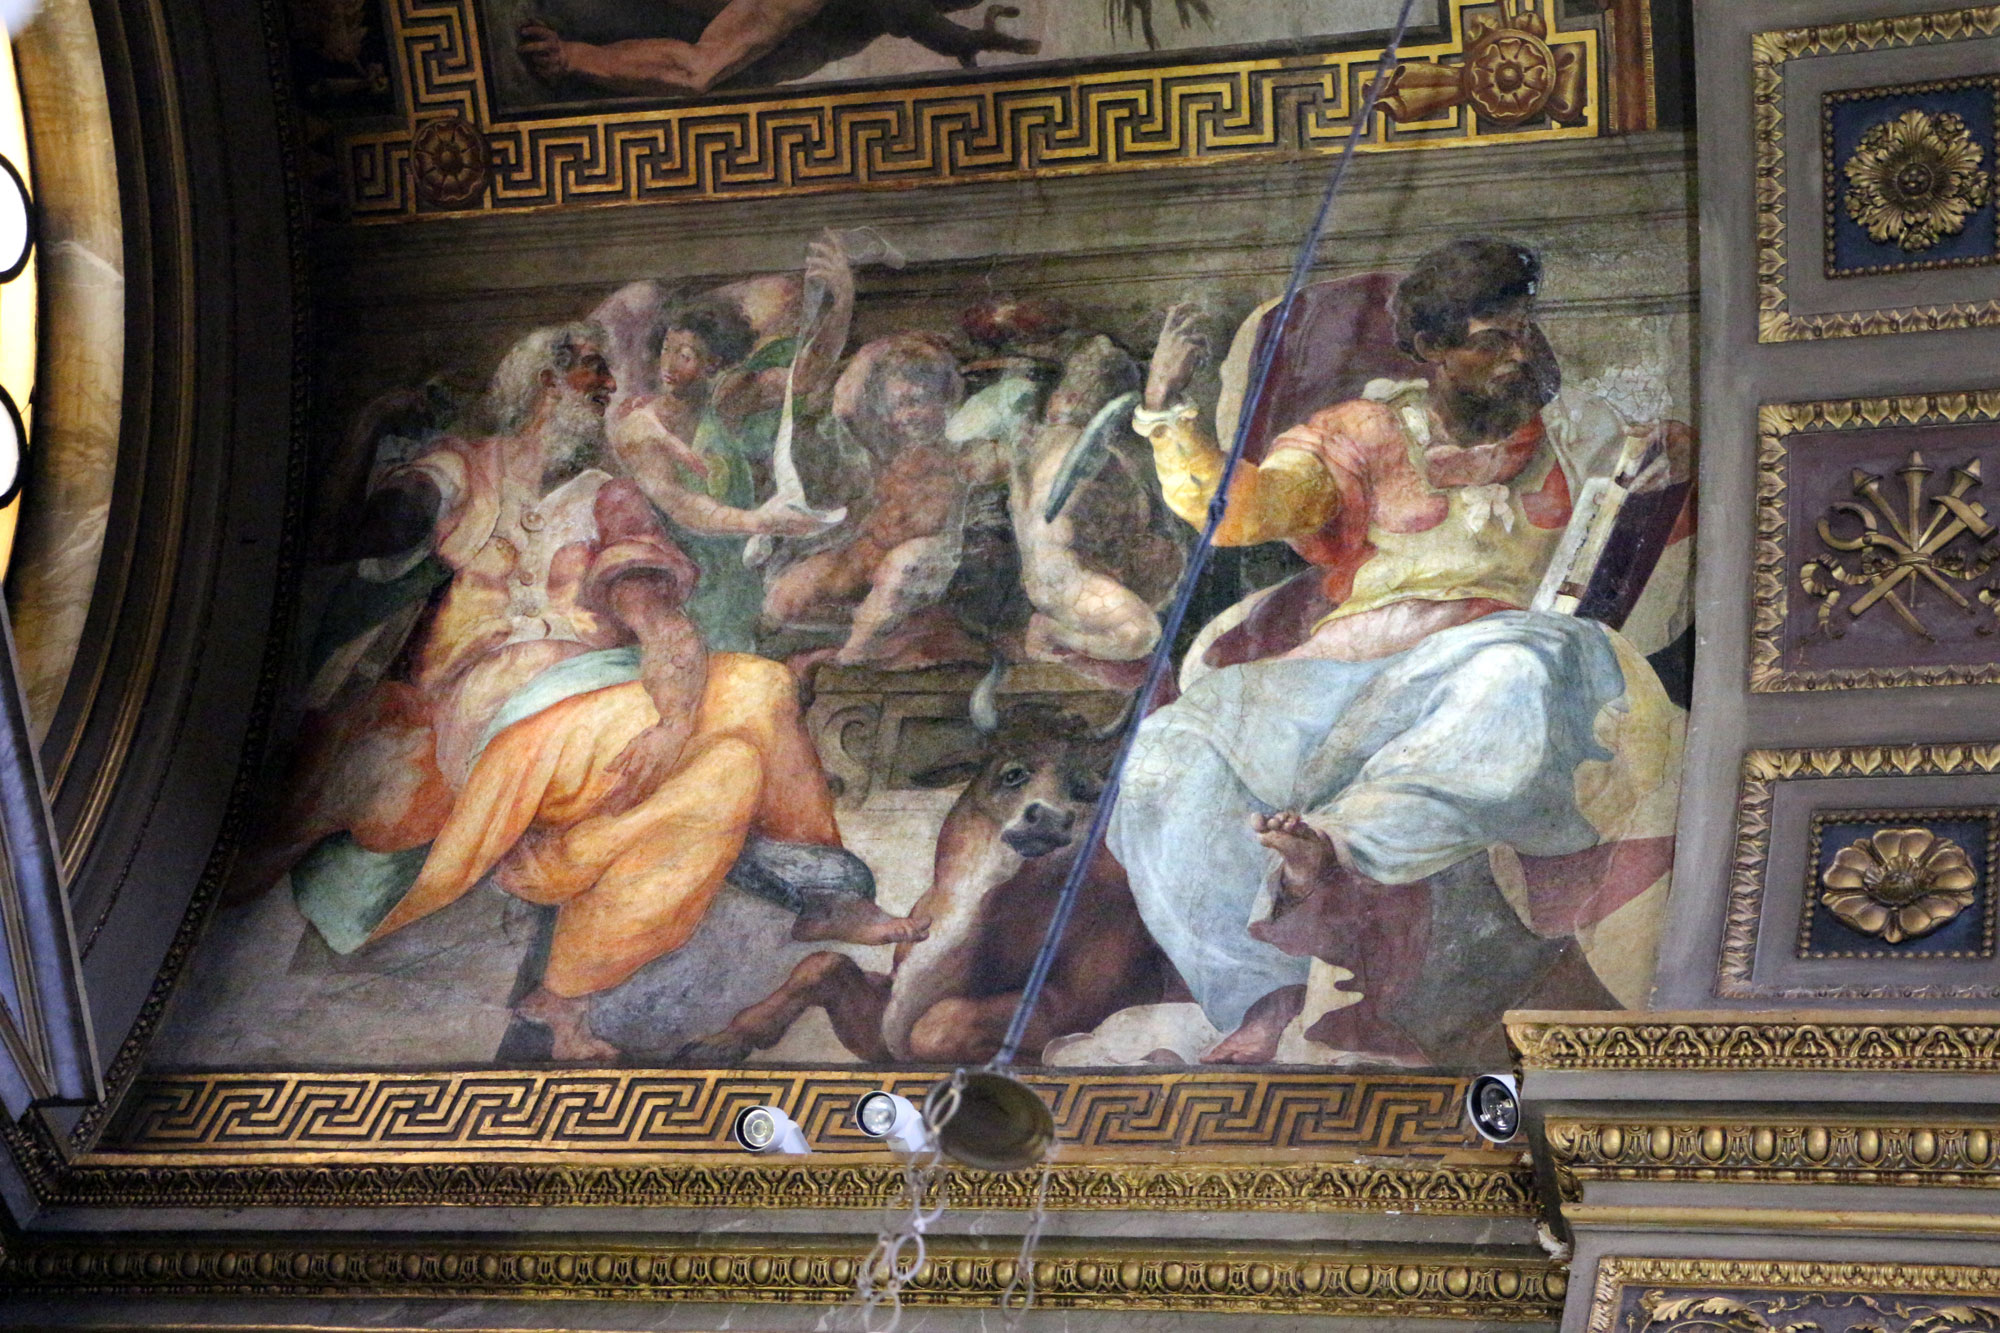 Perin del Vaga e Daniale da Volterra, I santi Matteo e Luca (1540-1543; affresco; Roma, San Marcello al Corso)